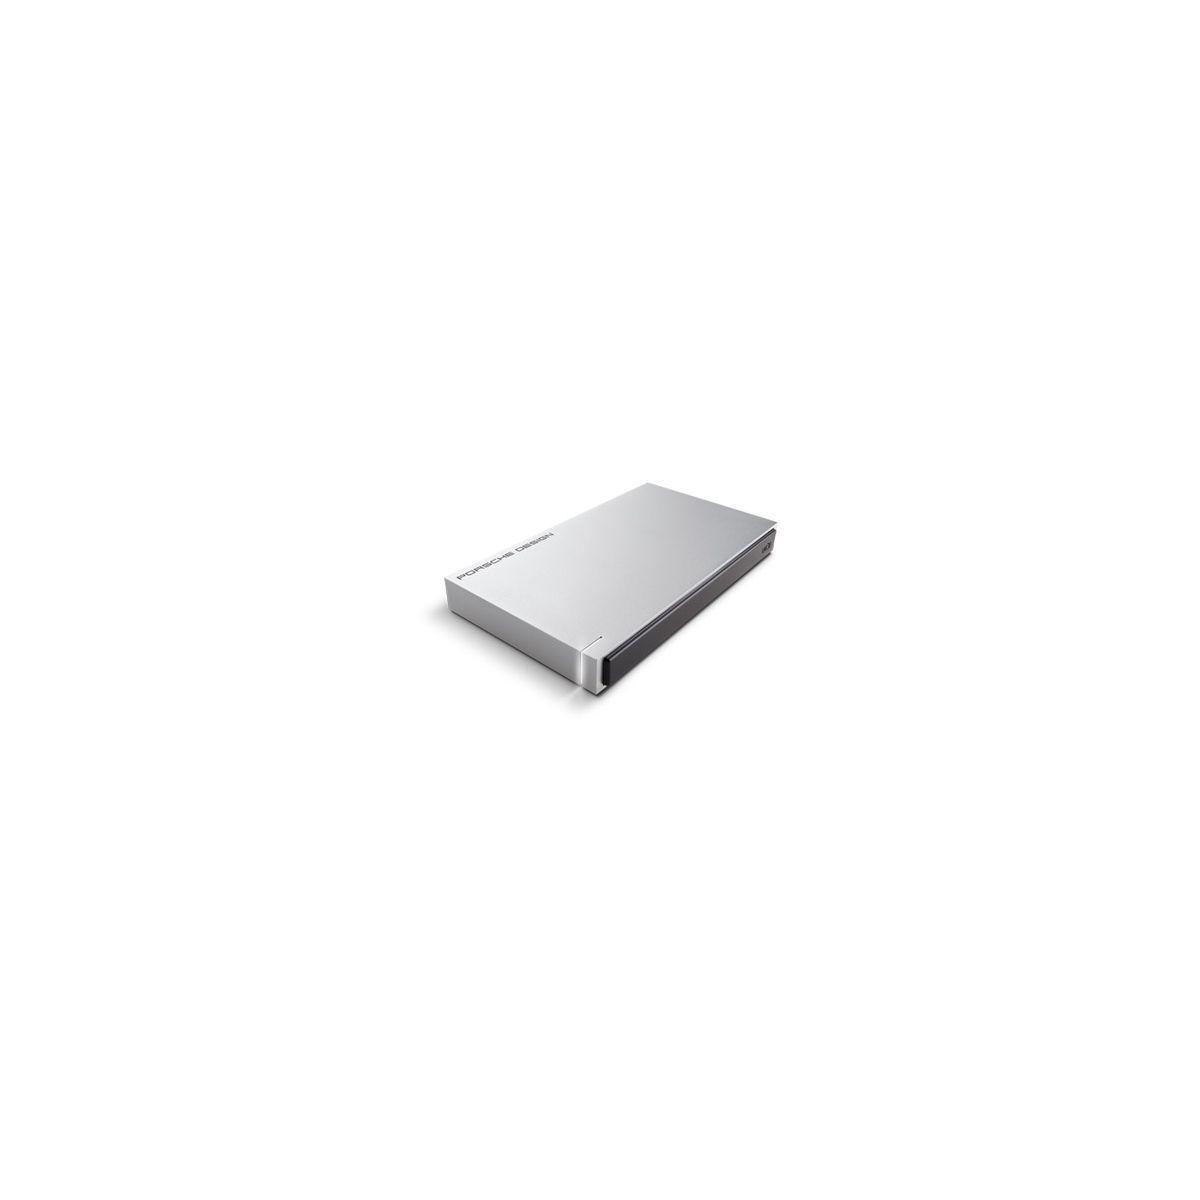 Disque lacie 2,5''2to porsche design usb - 2% de remise immédiate avec le code : cool2